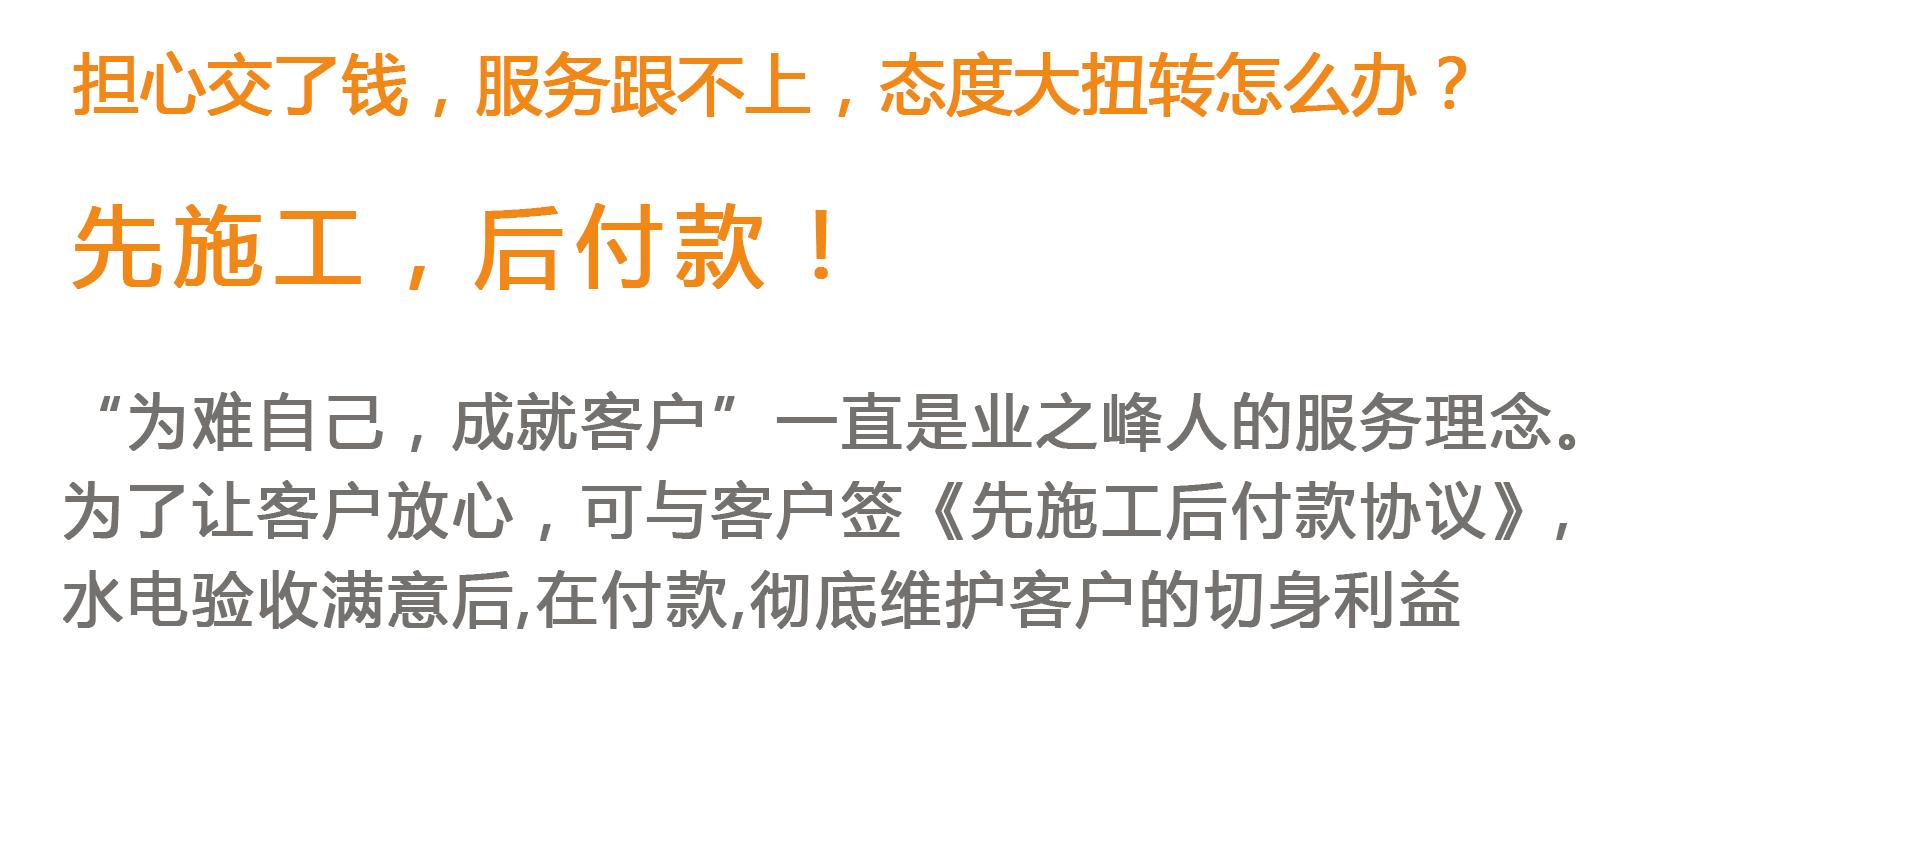 业之峰五零工程_09.jpg